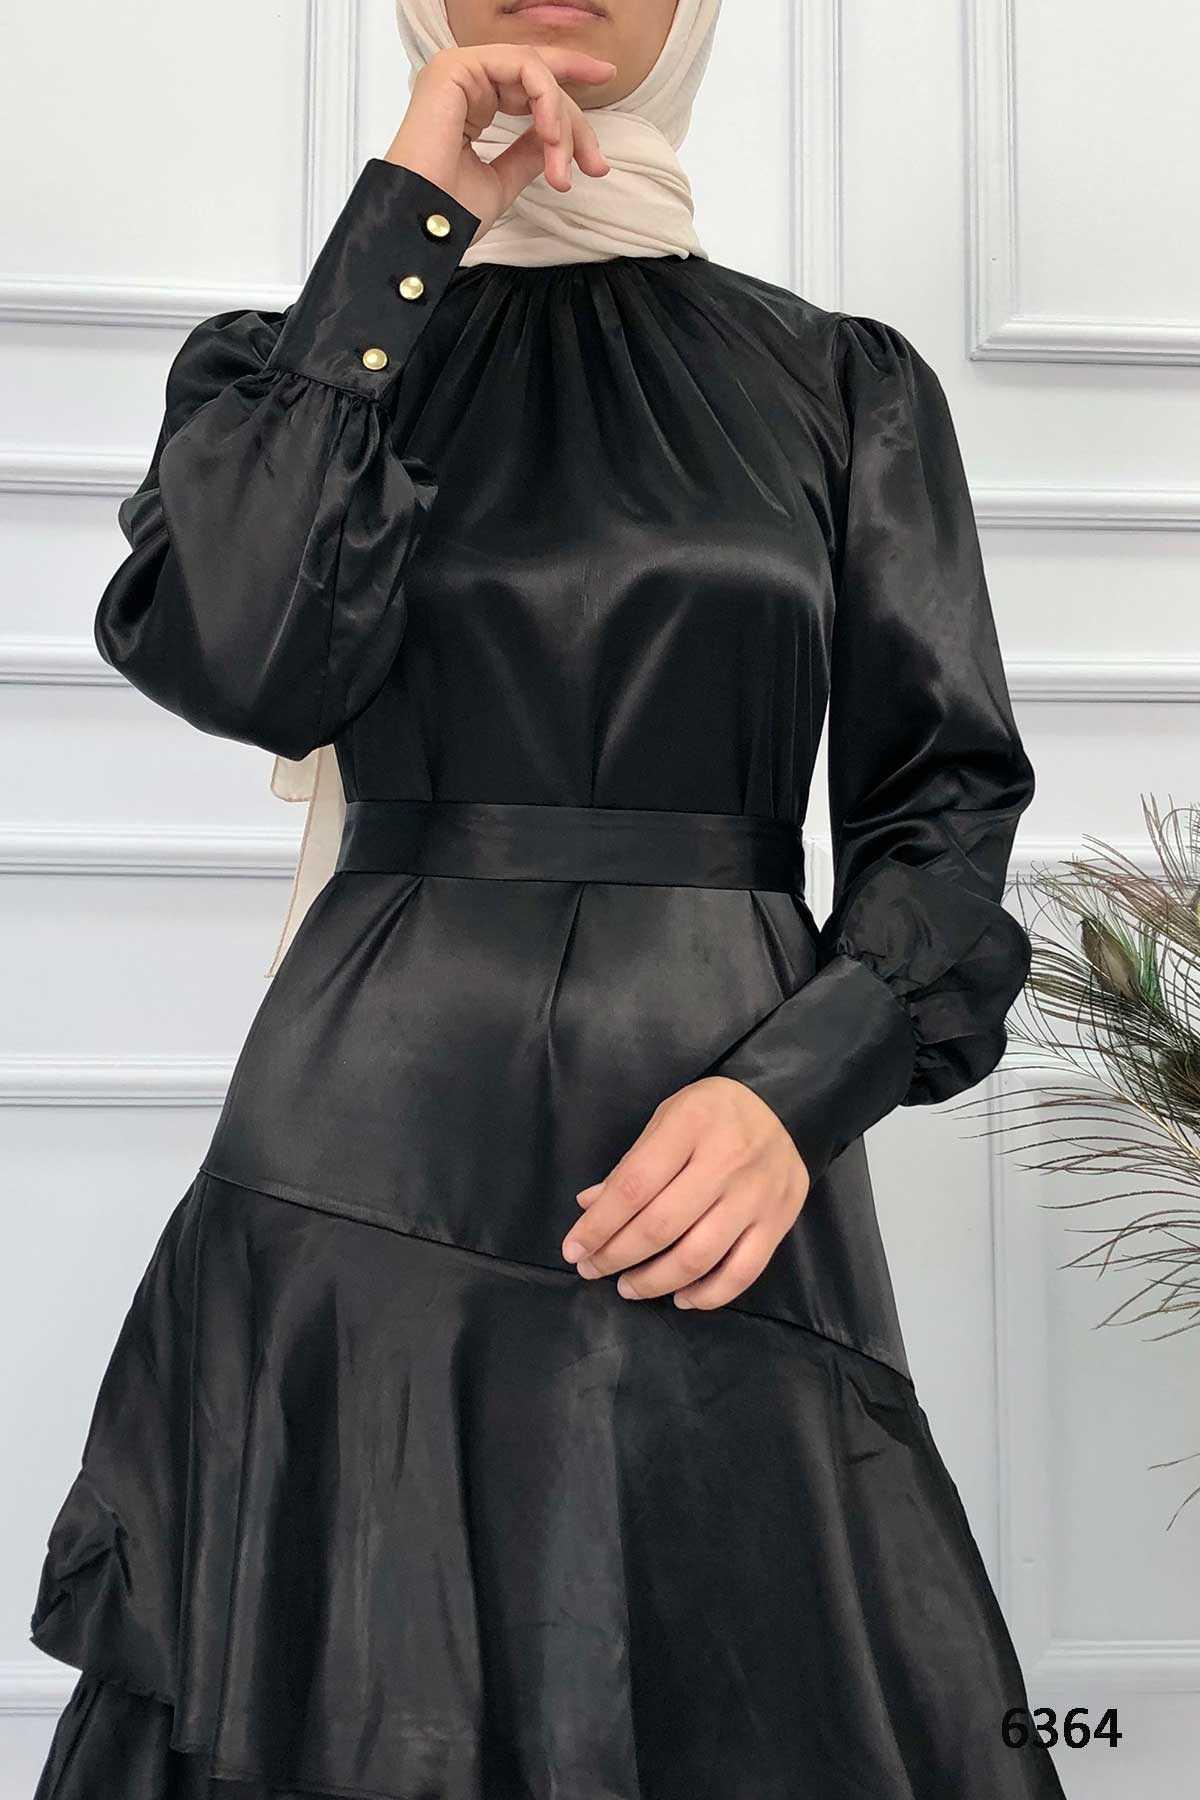 Ermi Tekstil Tesettür Saten Elbise Modelleri